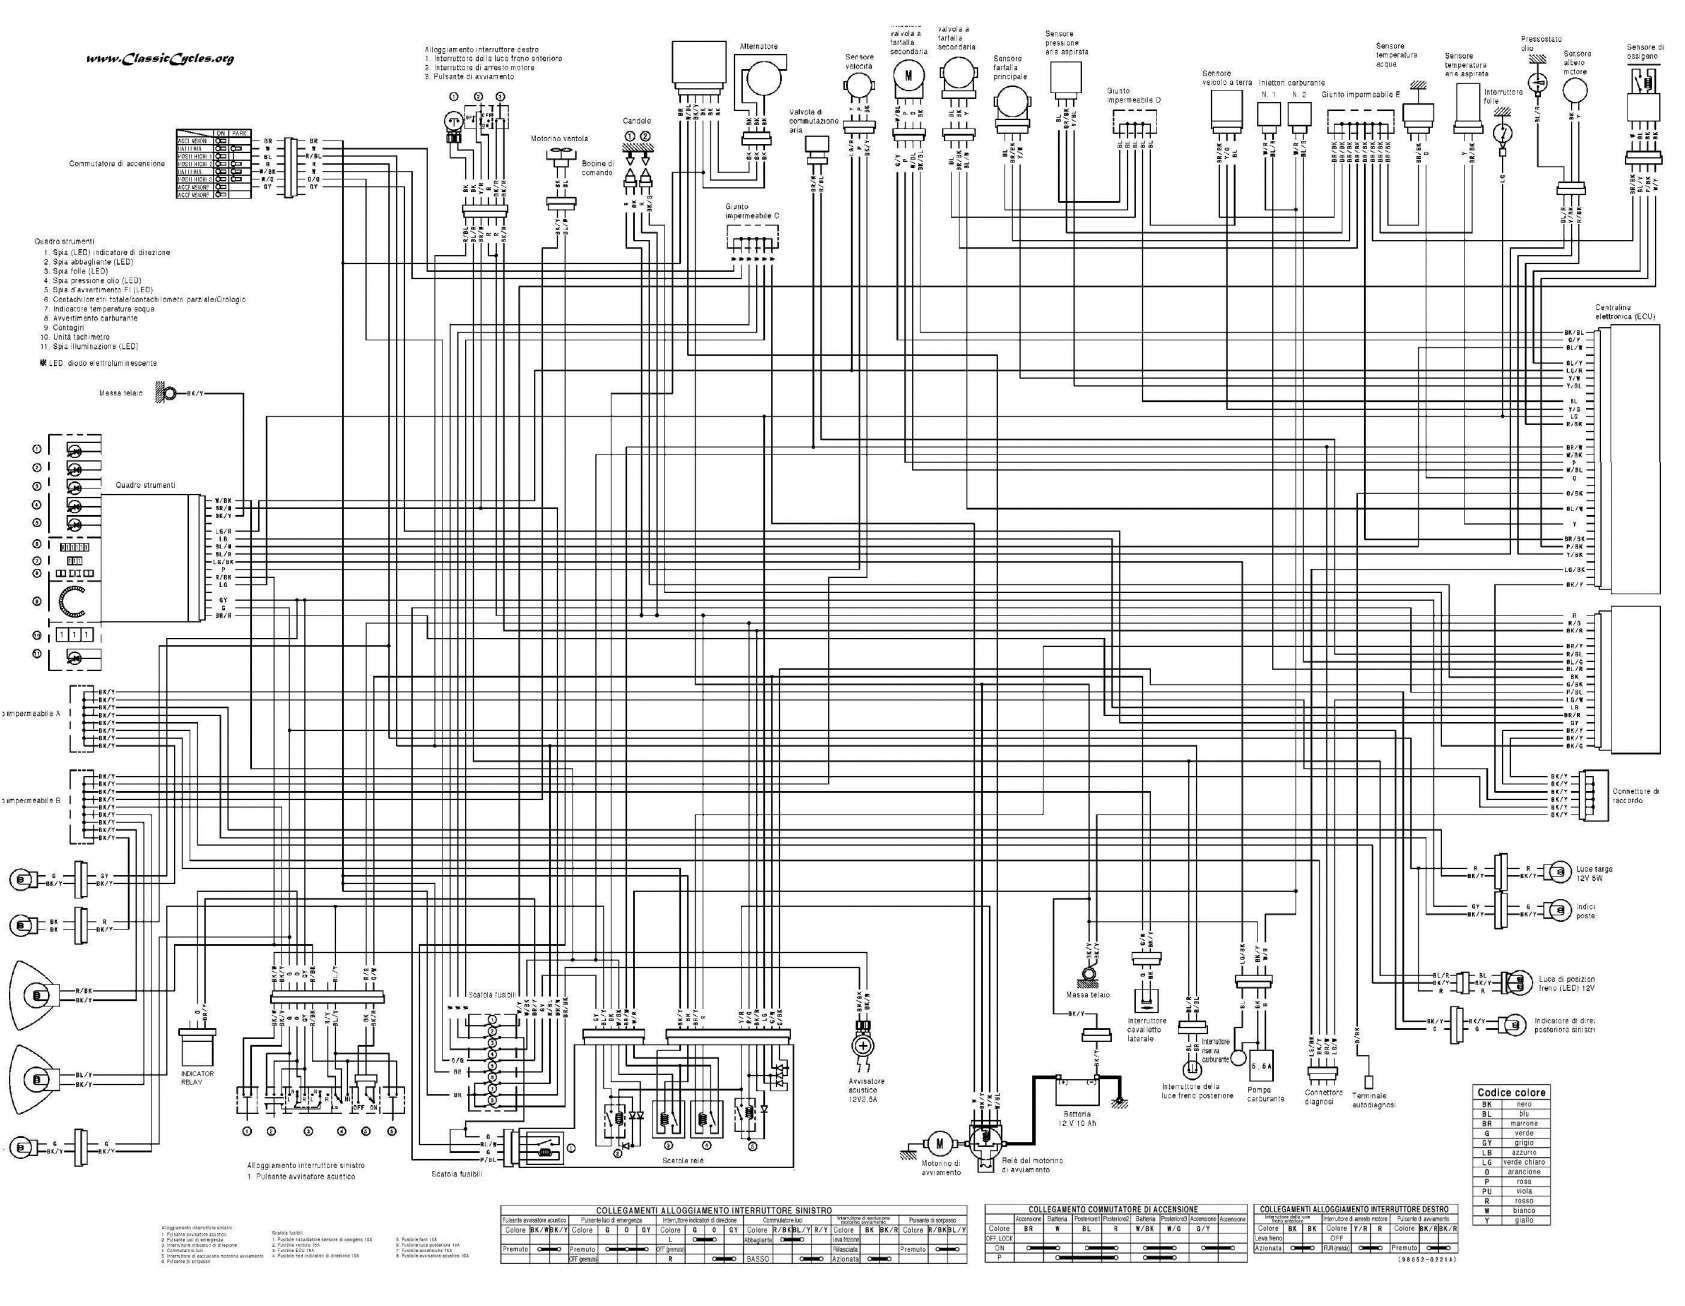 10 Dodge Ram 1500 Engine Wiring Diagram Engine Diagram Wiringg Net In 2020 Electrical Wiring Diagram Electrical Diagram Diagram Design